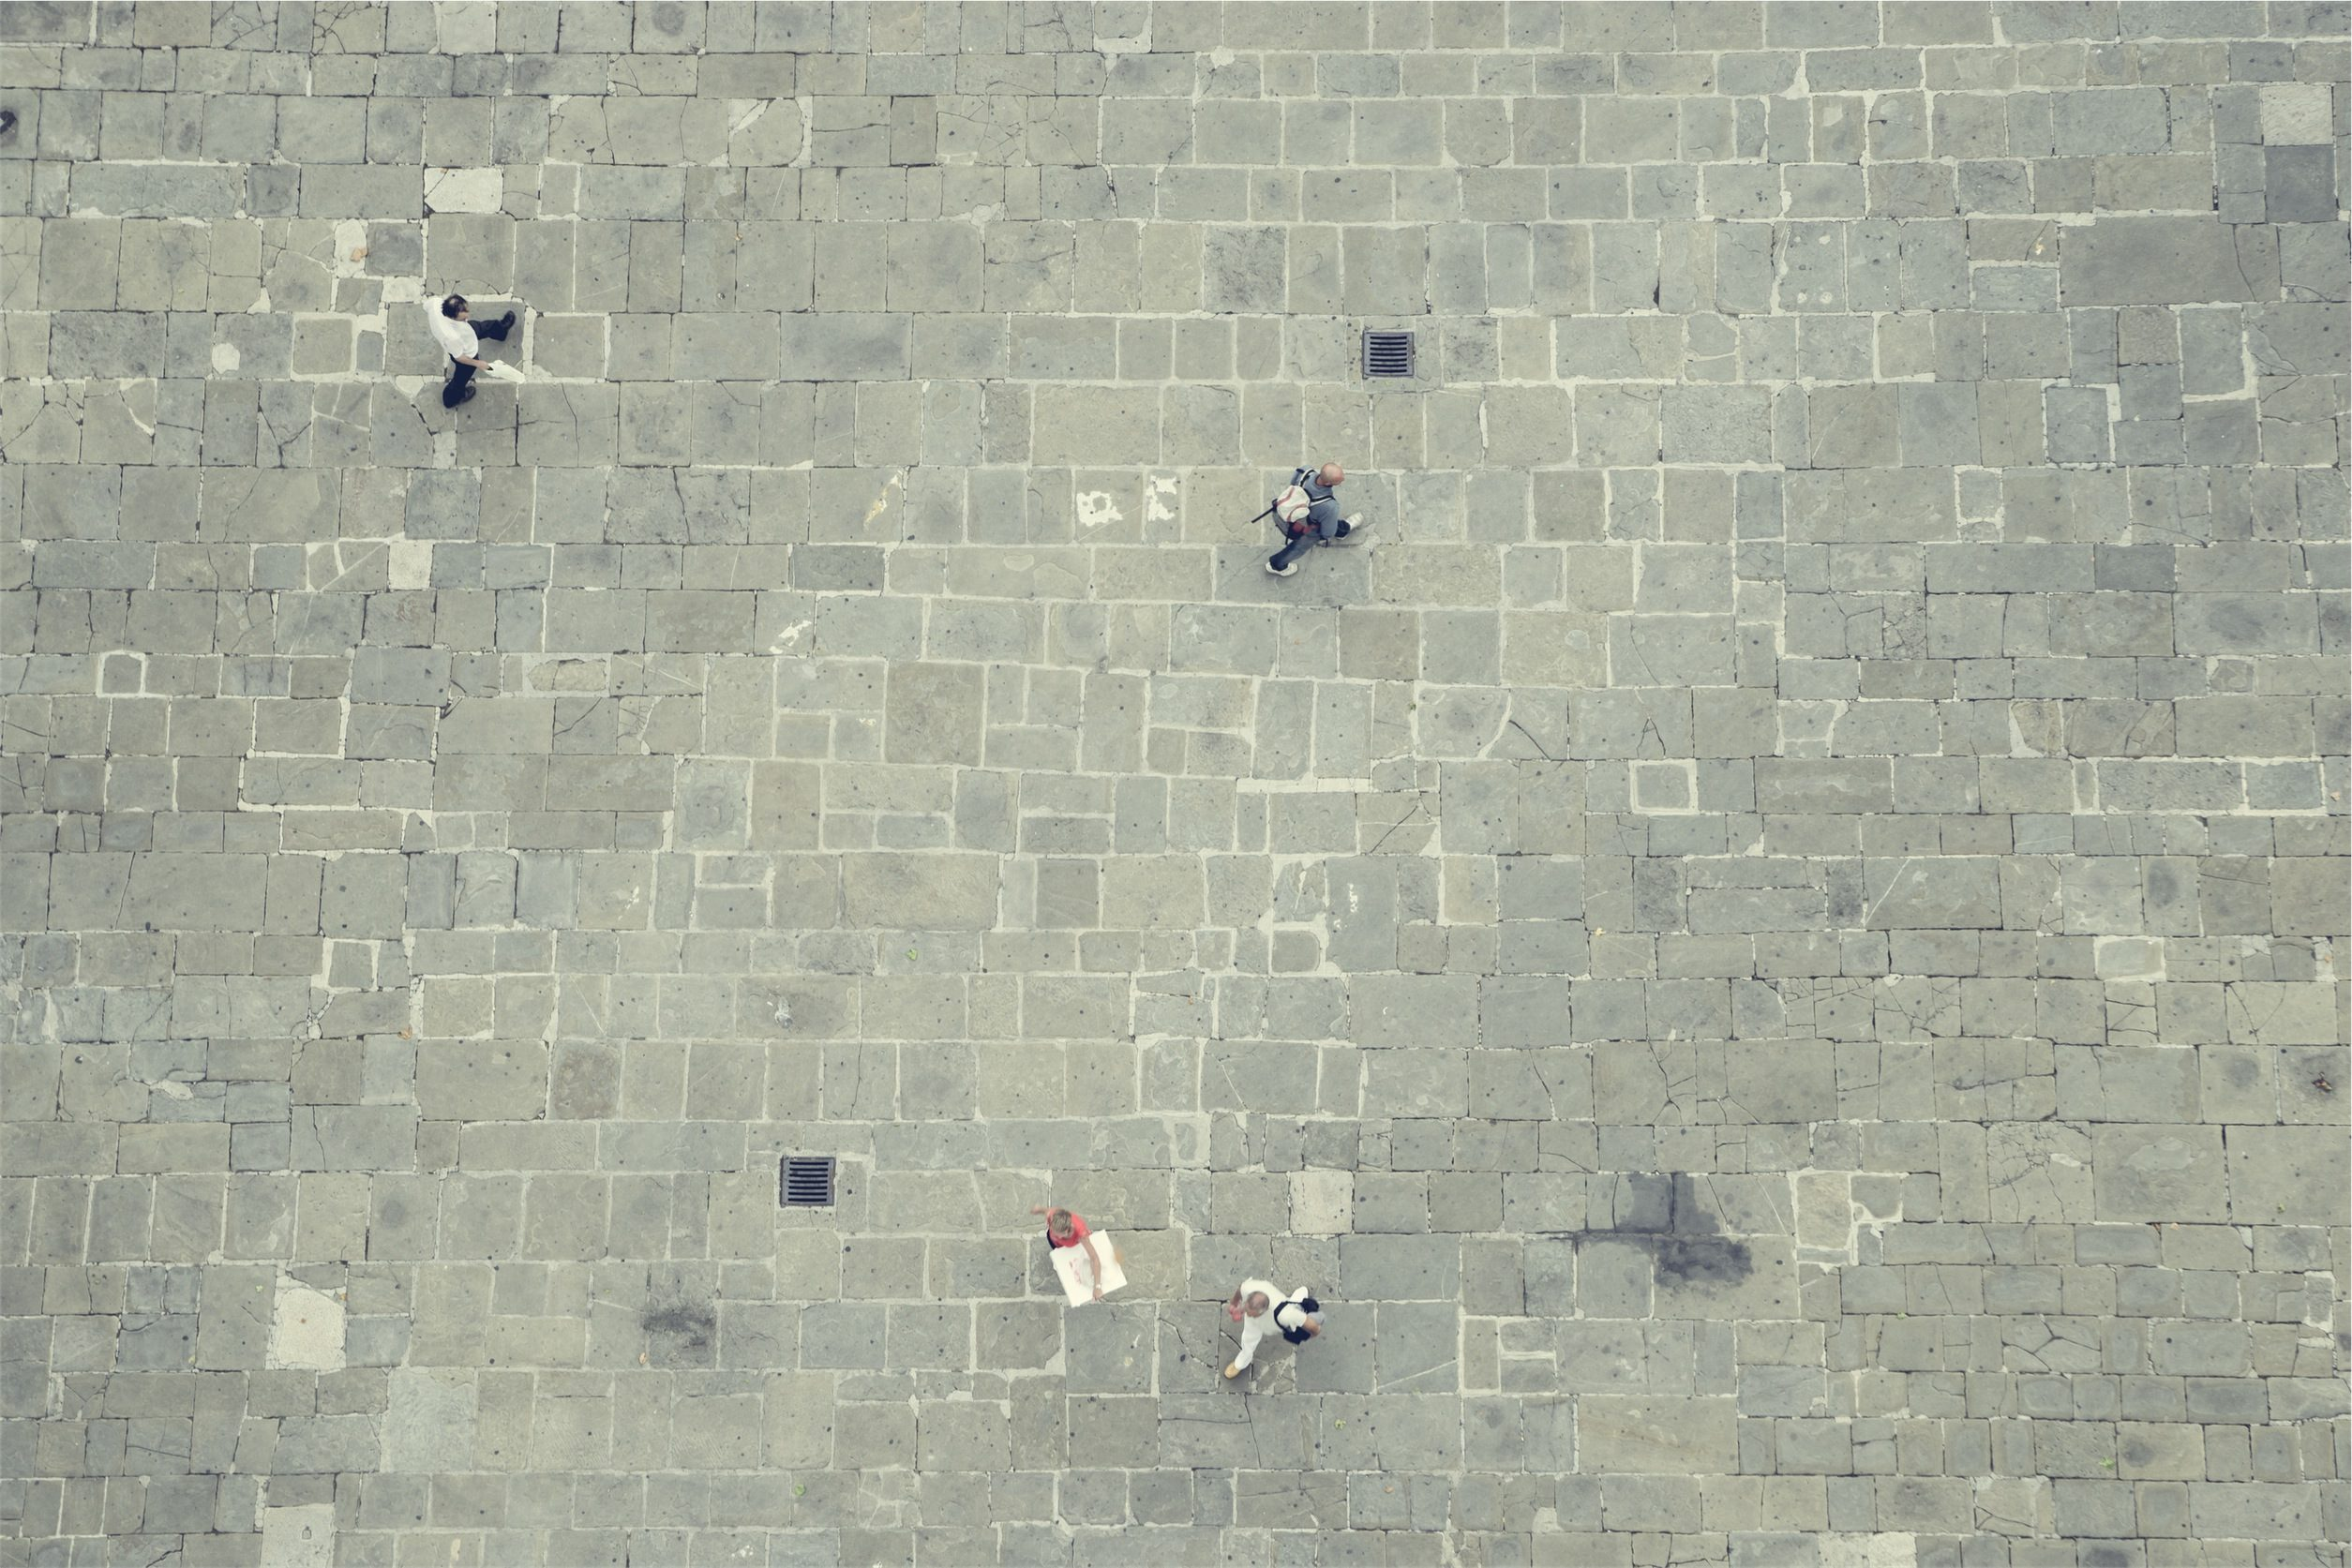 人, 通り, タイル, 空気, 生活 - HD の壁紙 - 教授-falken.com